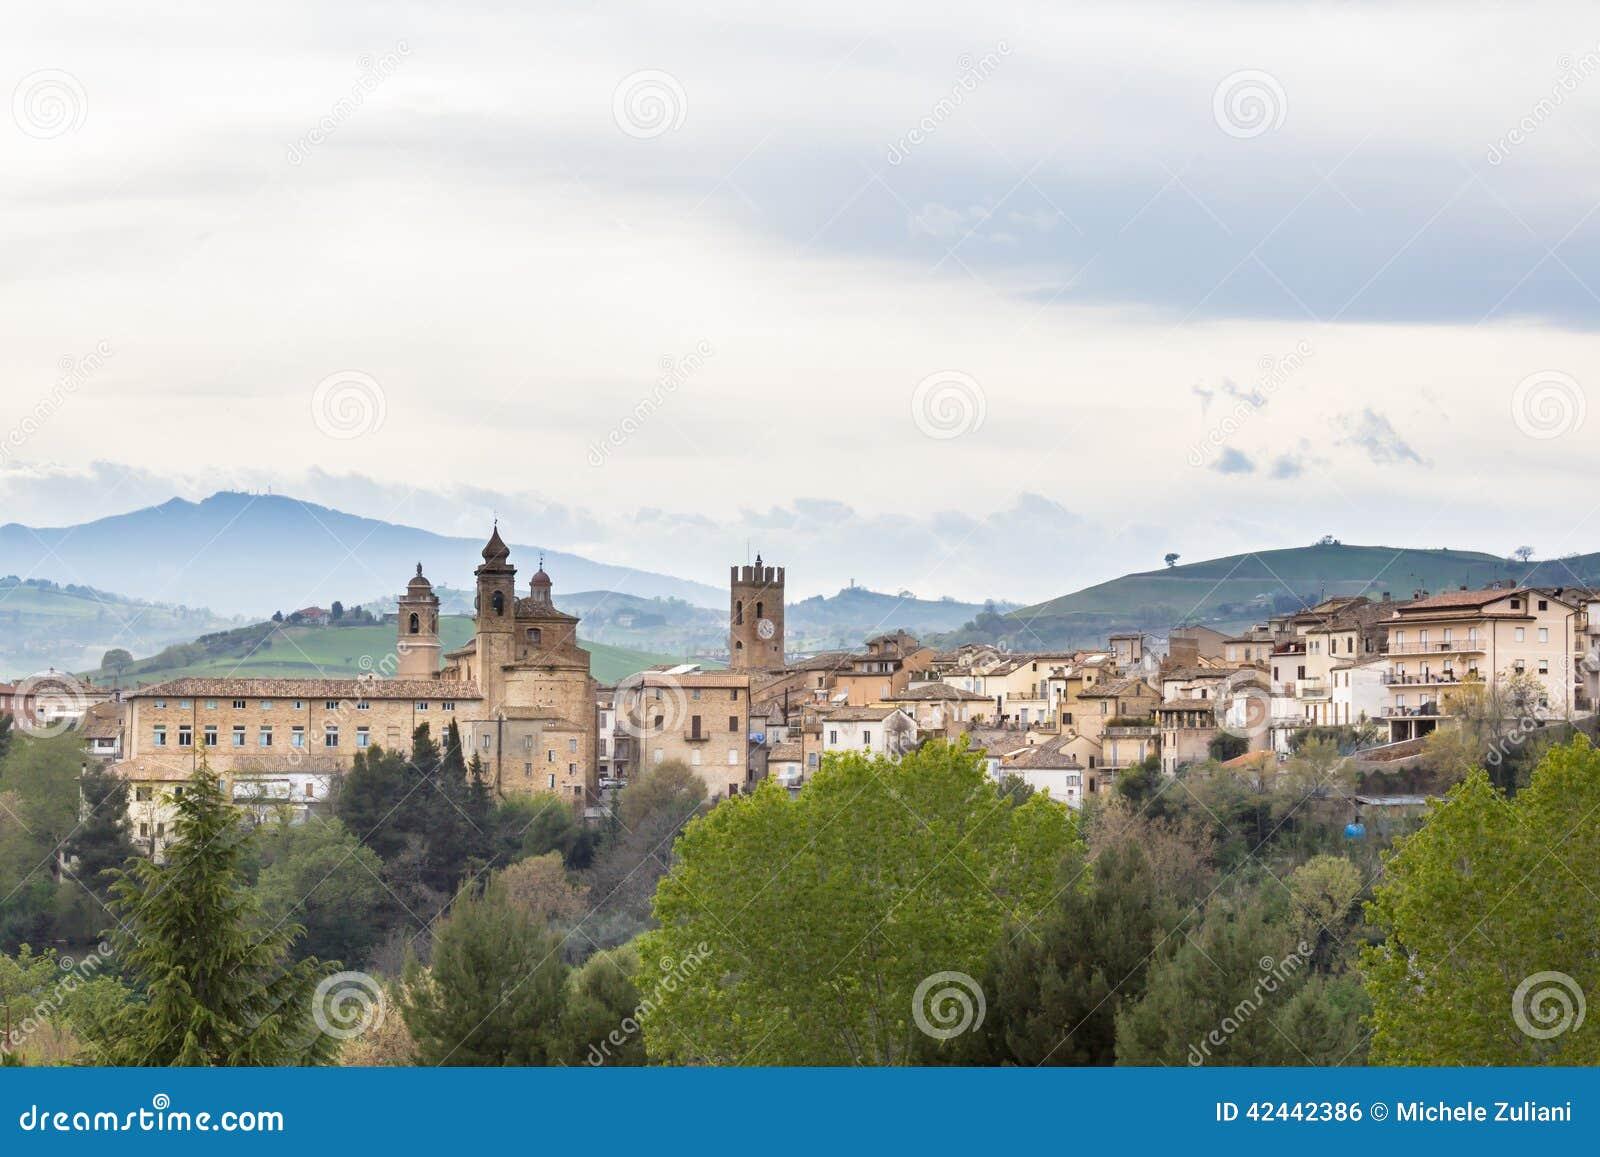 Vista de un pueblo medieval de Italia